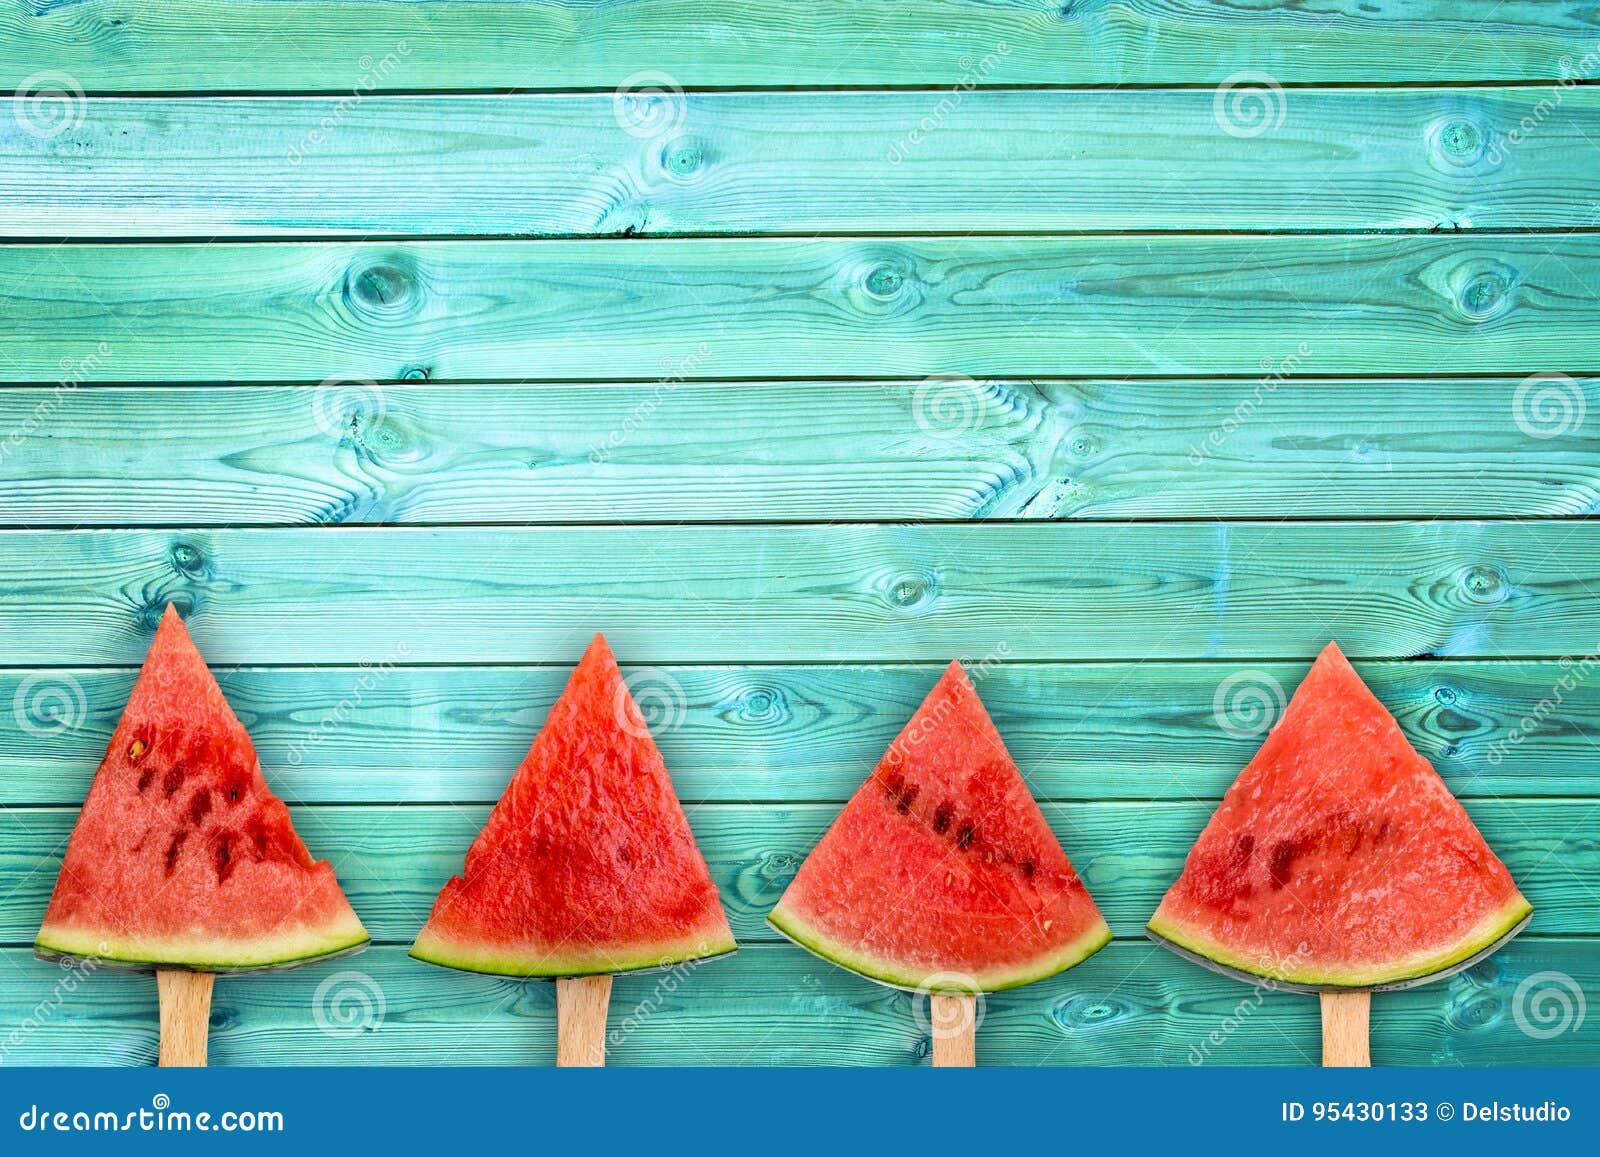 Quatro picolés da fatia da melancia no fundo de madeira azul com espaço da cópia, conceito do fruto do verão